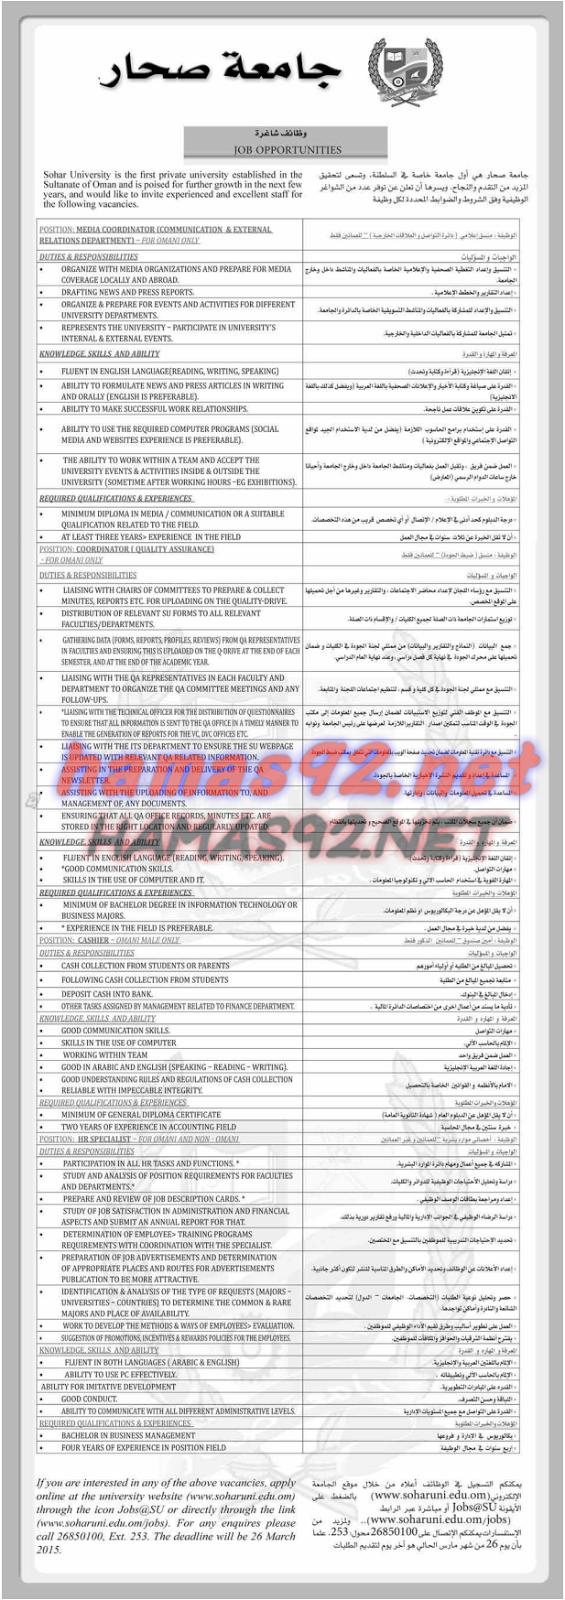 وظائف شاغرة فى سلطنة عمان وظائف جامعة صحار Job Opportunities Job Blog Posts